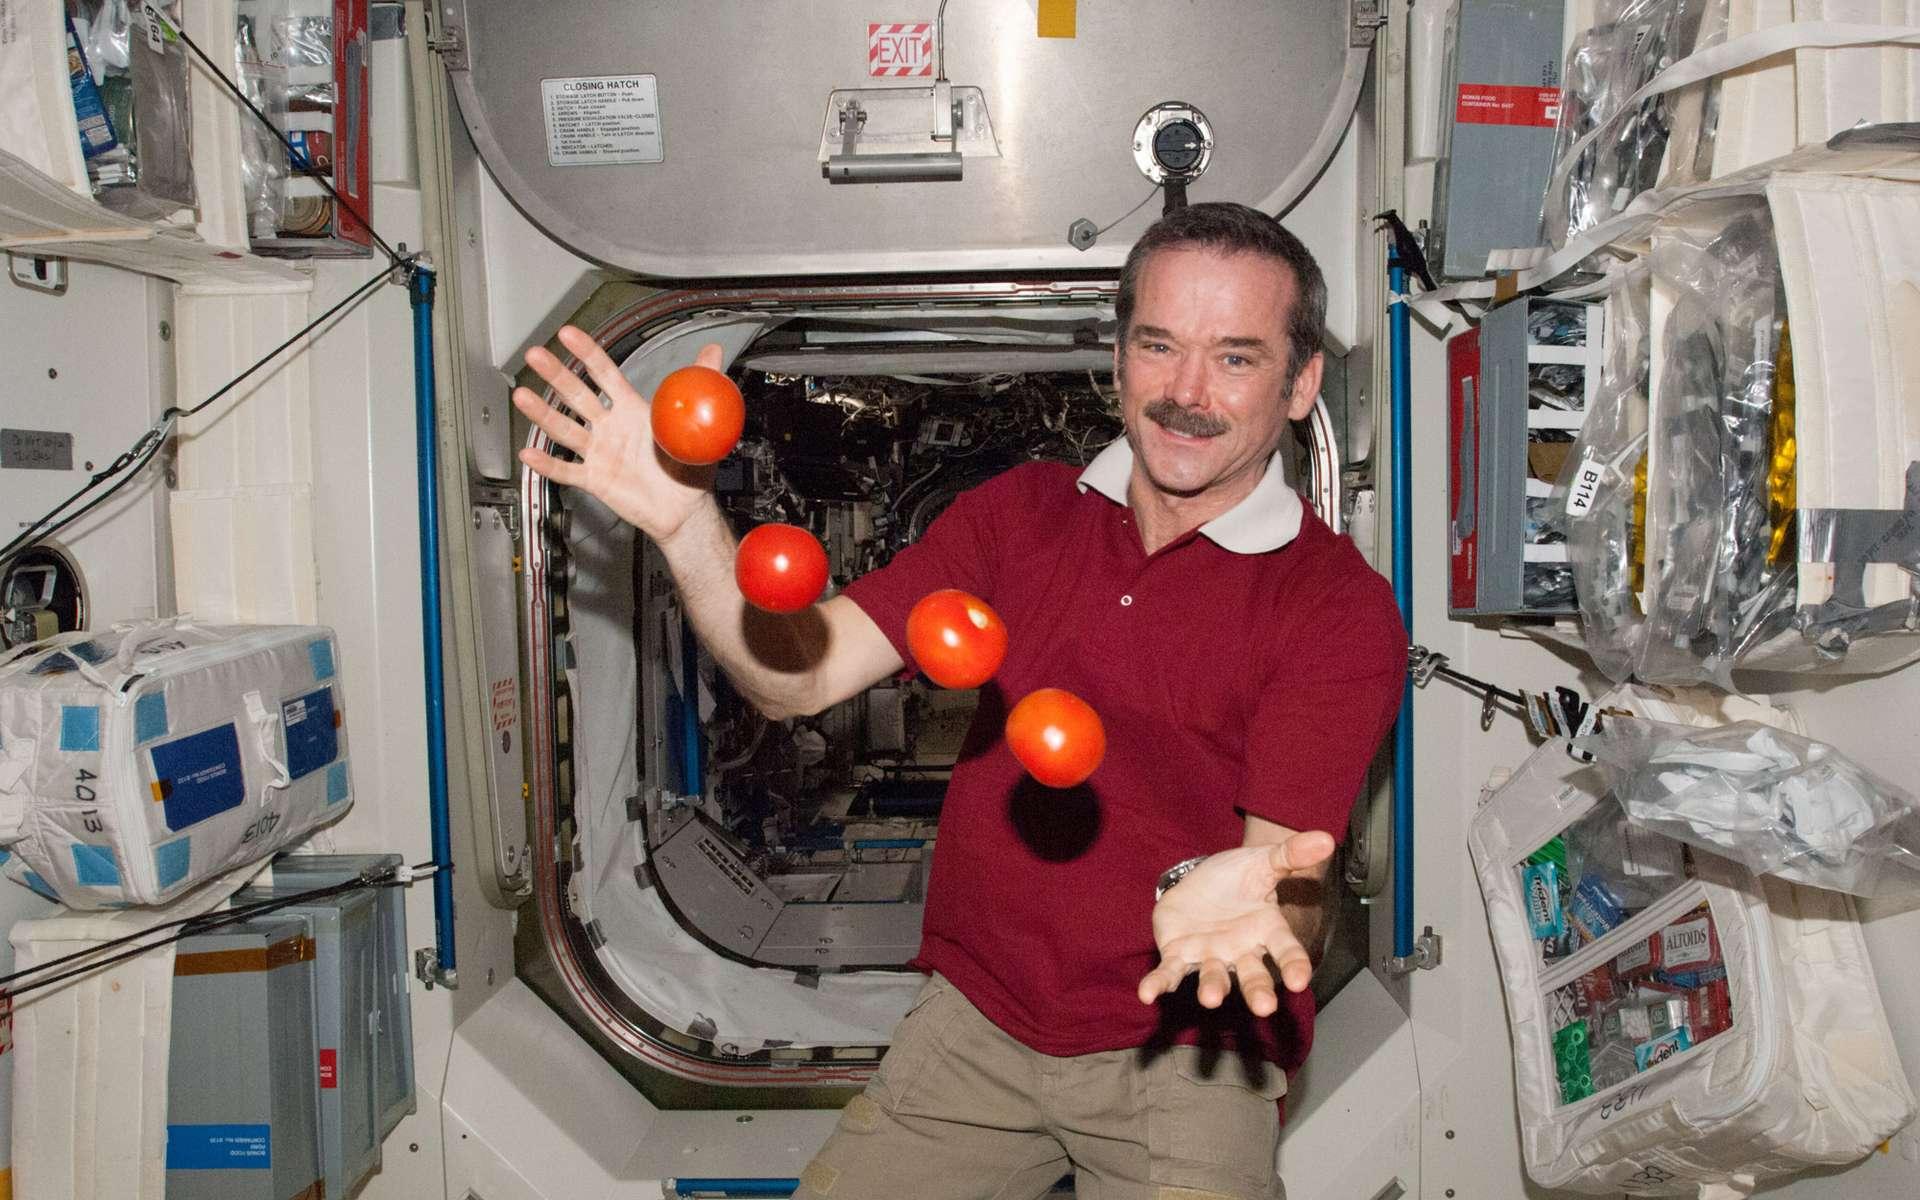 L'astronaute Chris Hadfield est devenu le premier Canadien commandant de la Station spatiale internationale. Il assume cette fonction depuis le 13 mars, et cela sera le cas jusqu'à son départ de l'ISS, en mai 2013. © Nasa